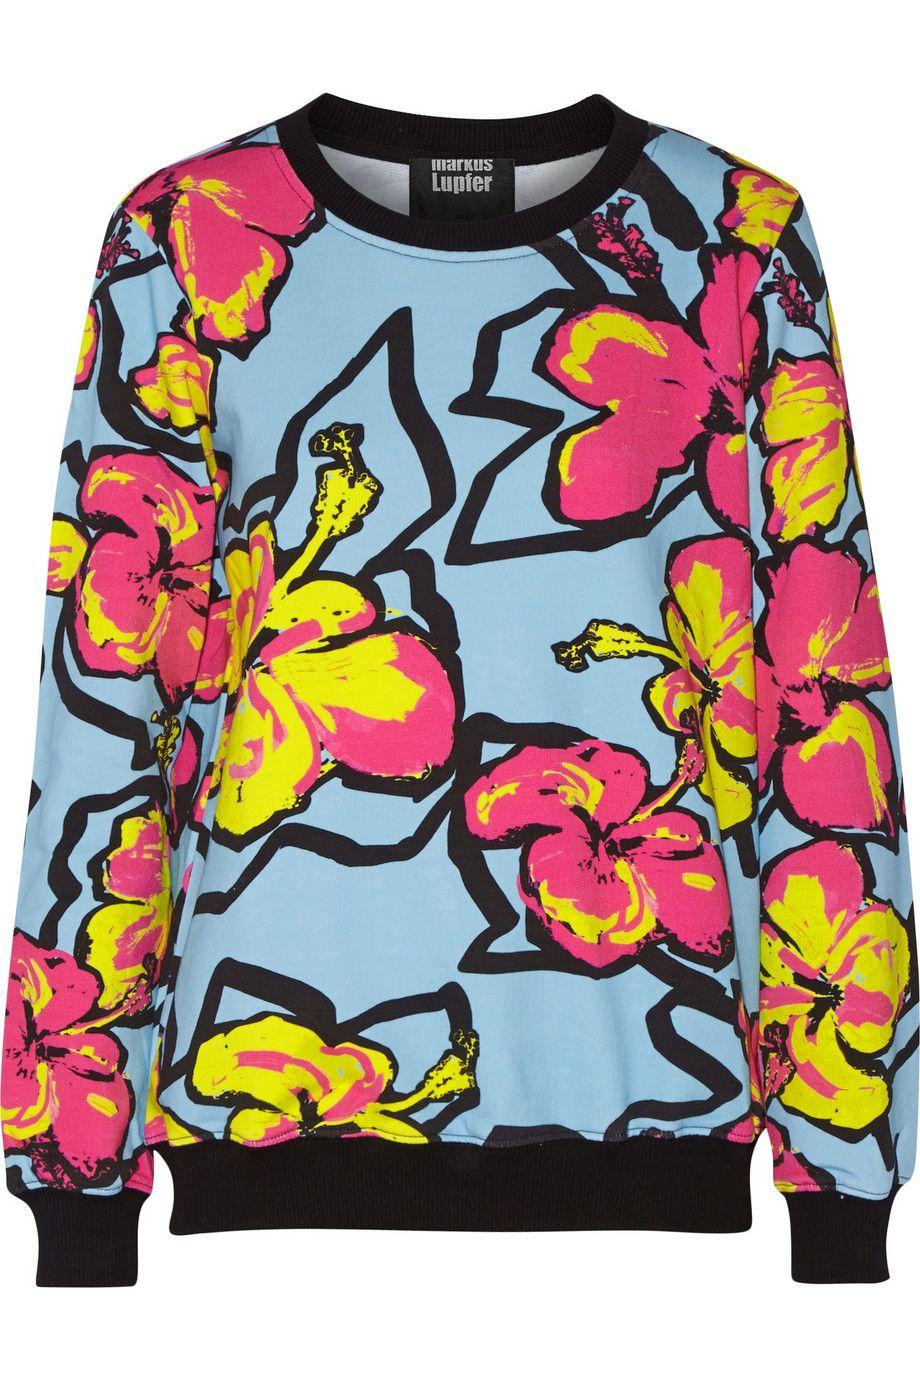 Markus LupferAnna printed neon cotton-jersey sweatshirt